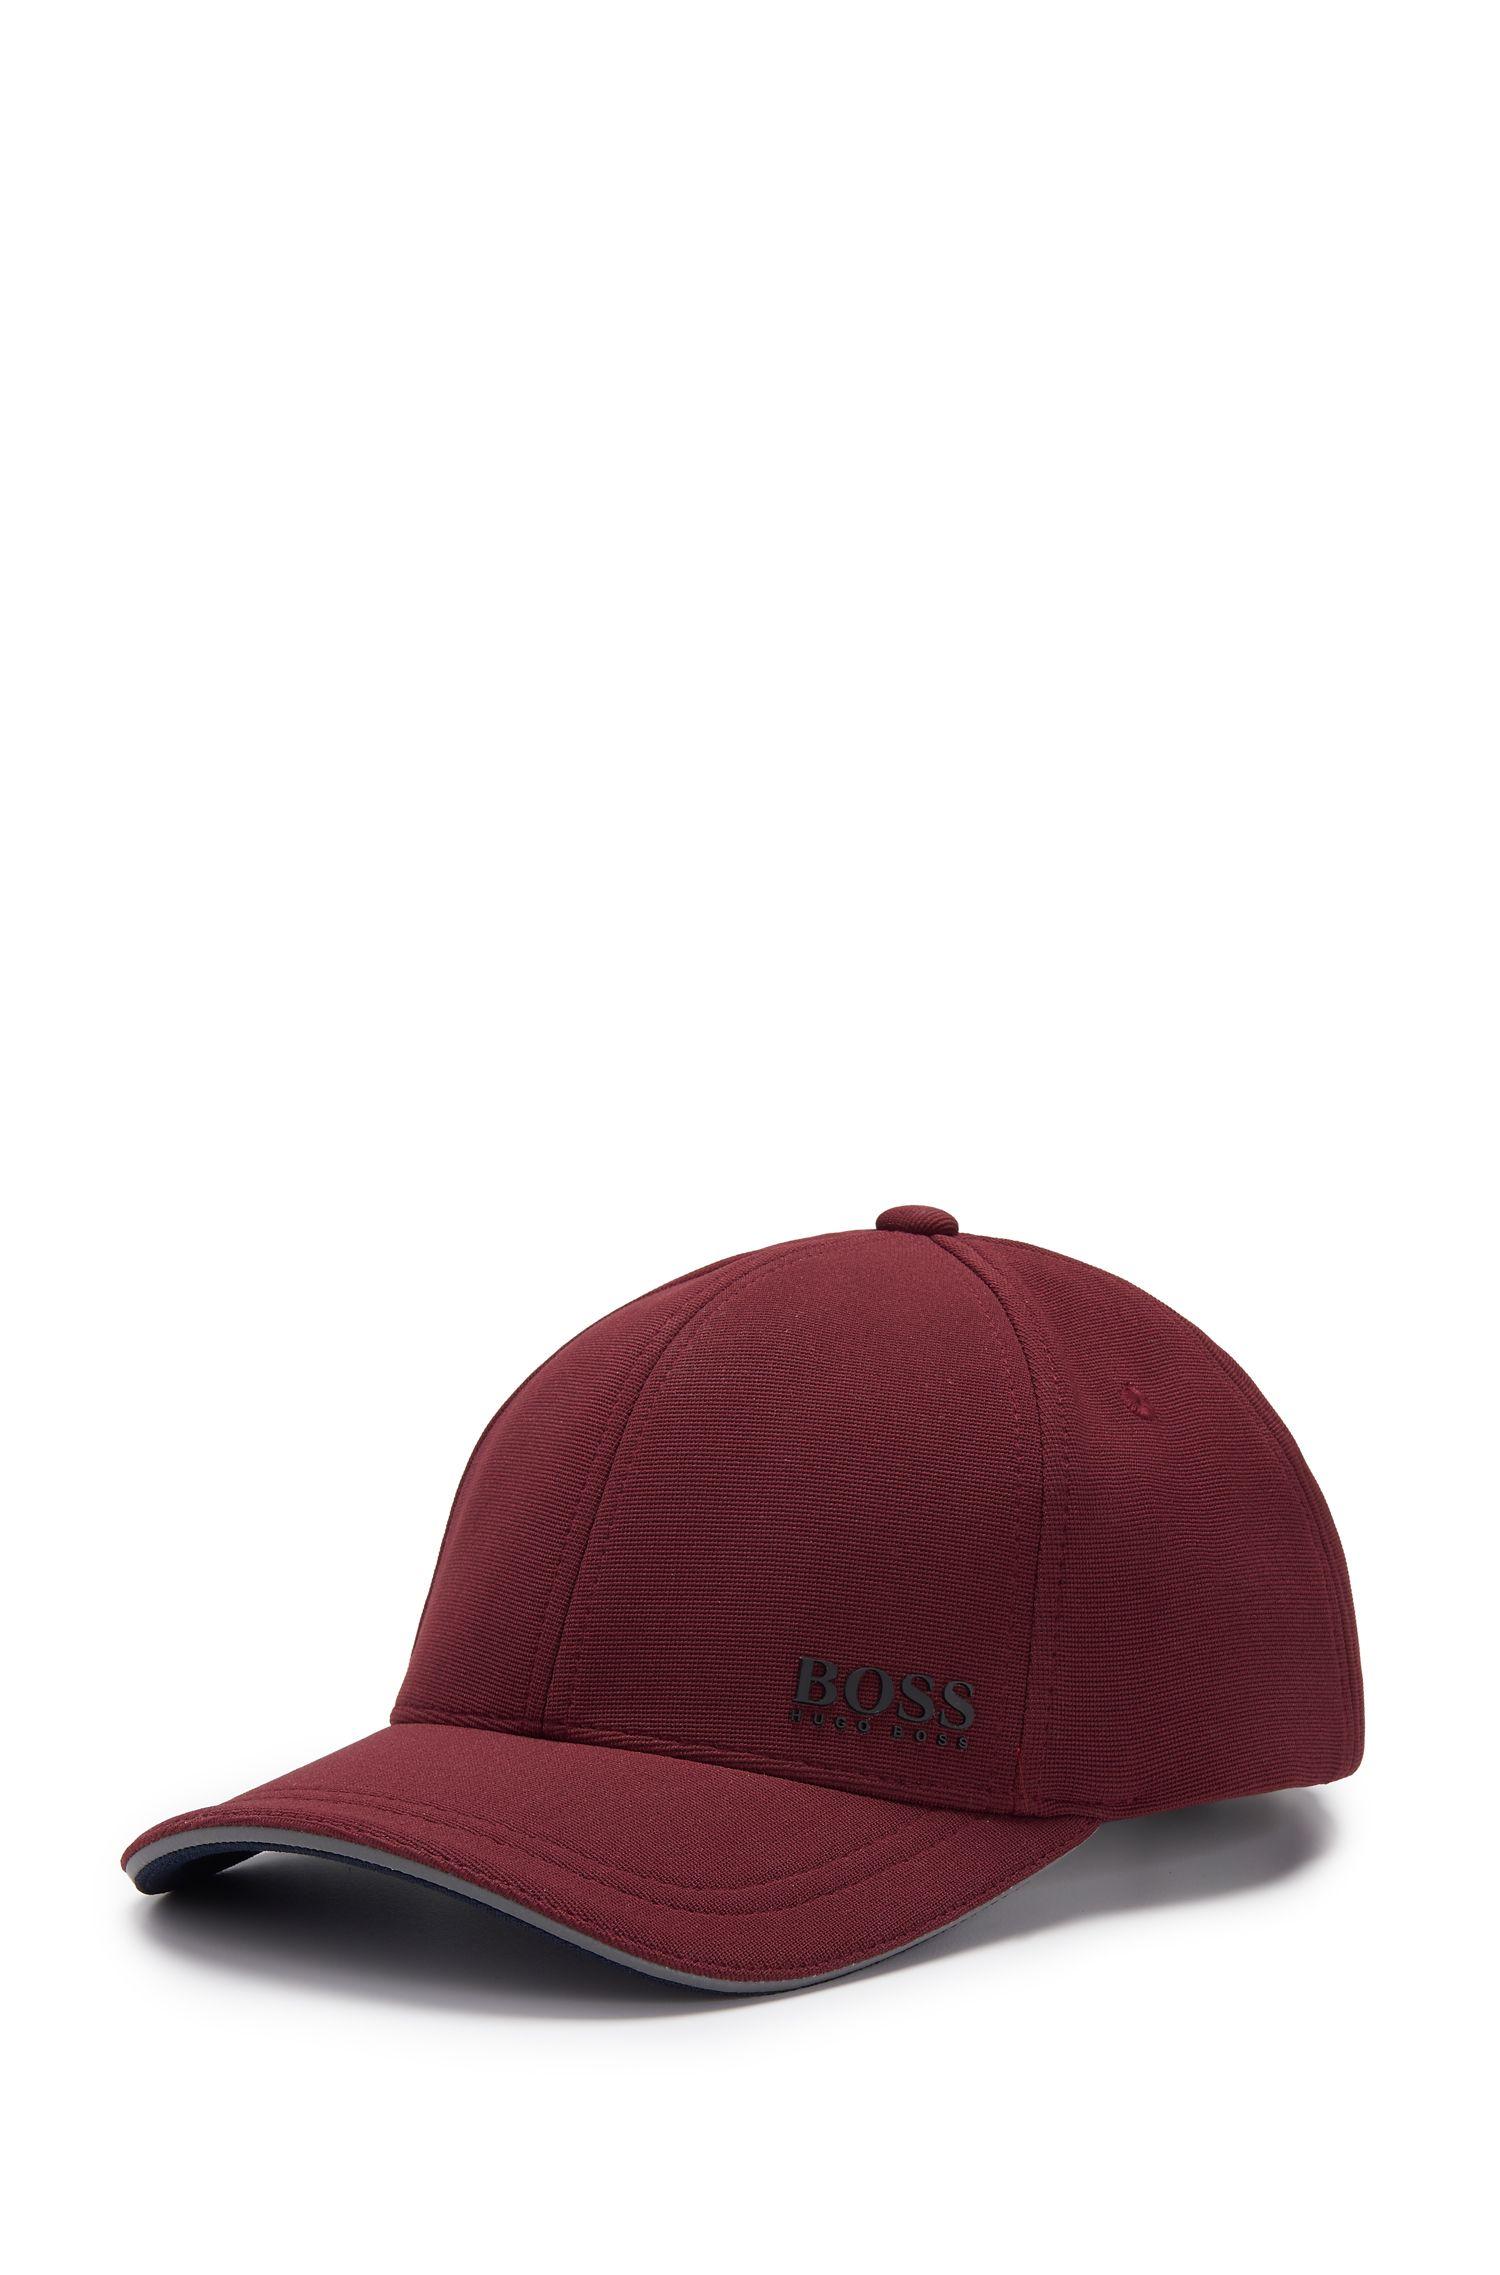 Baseball Cap | Weekend Cap